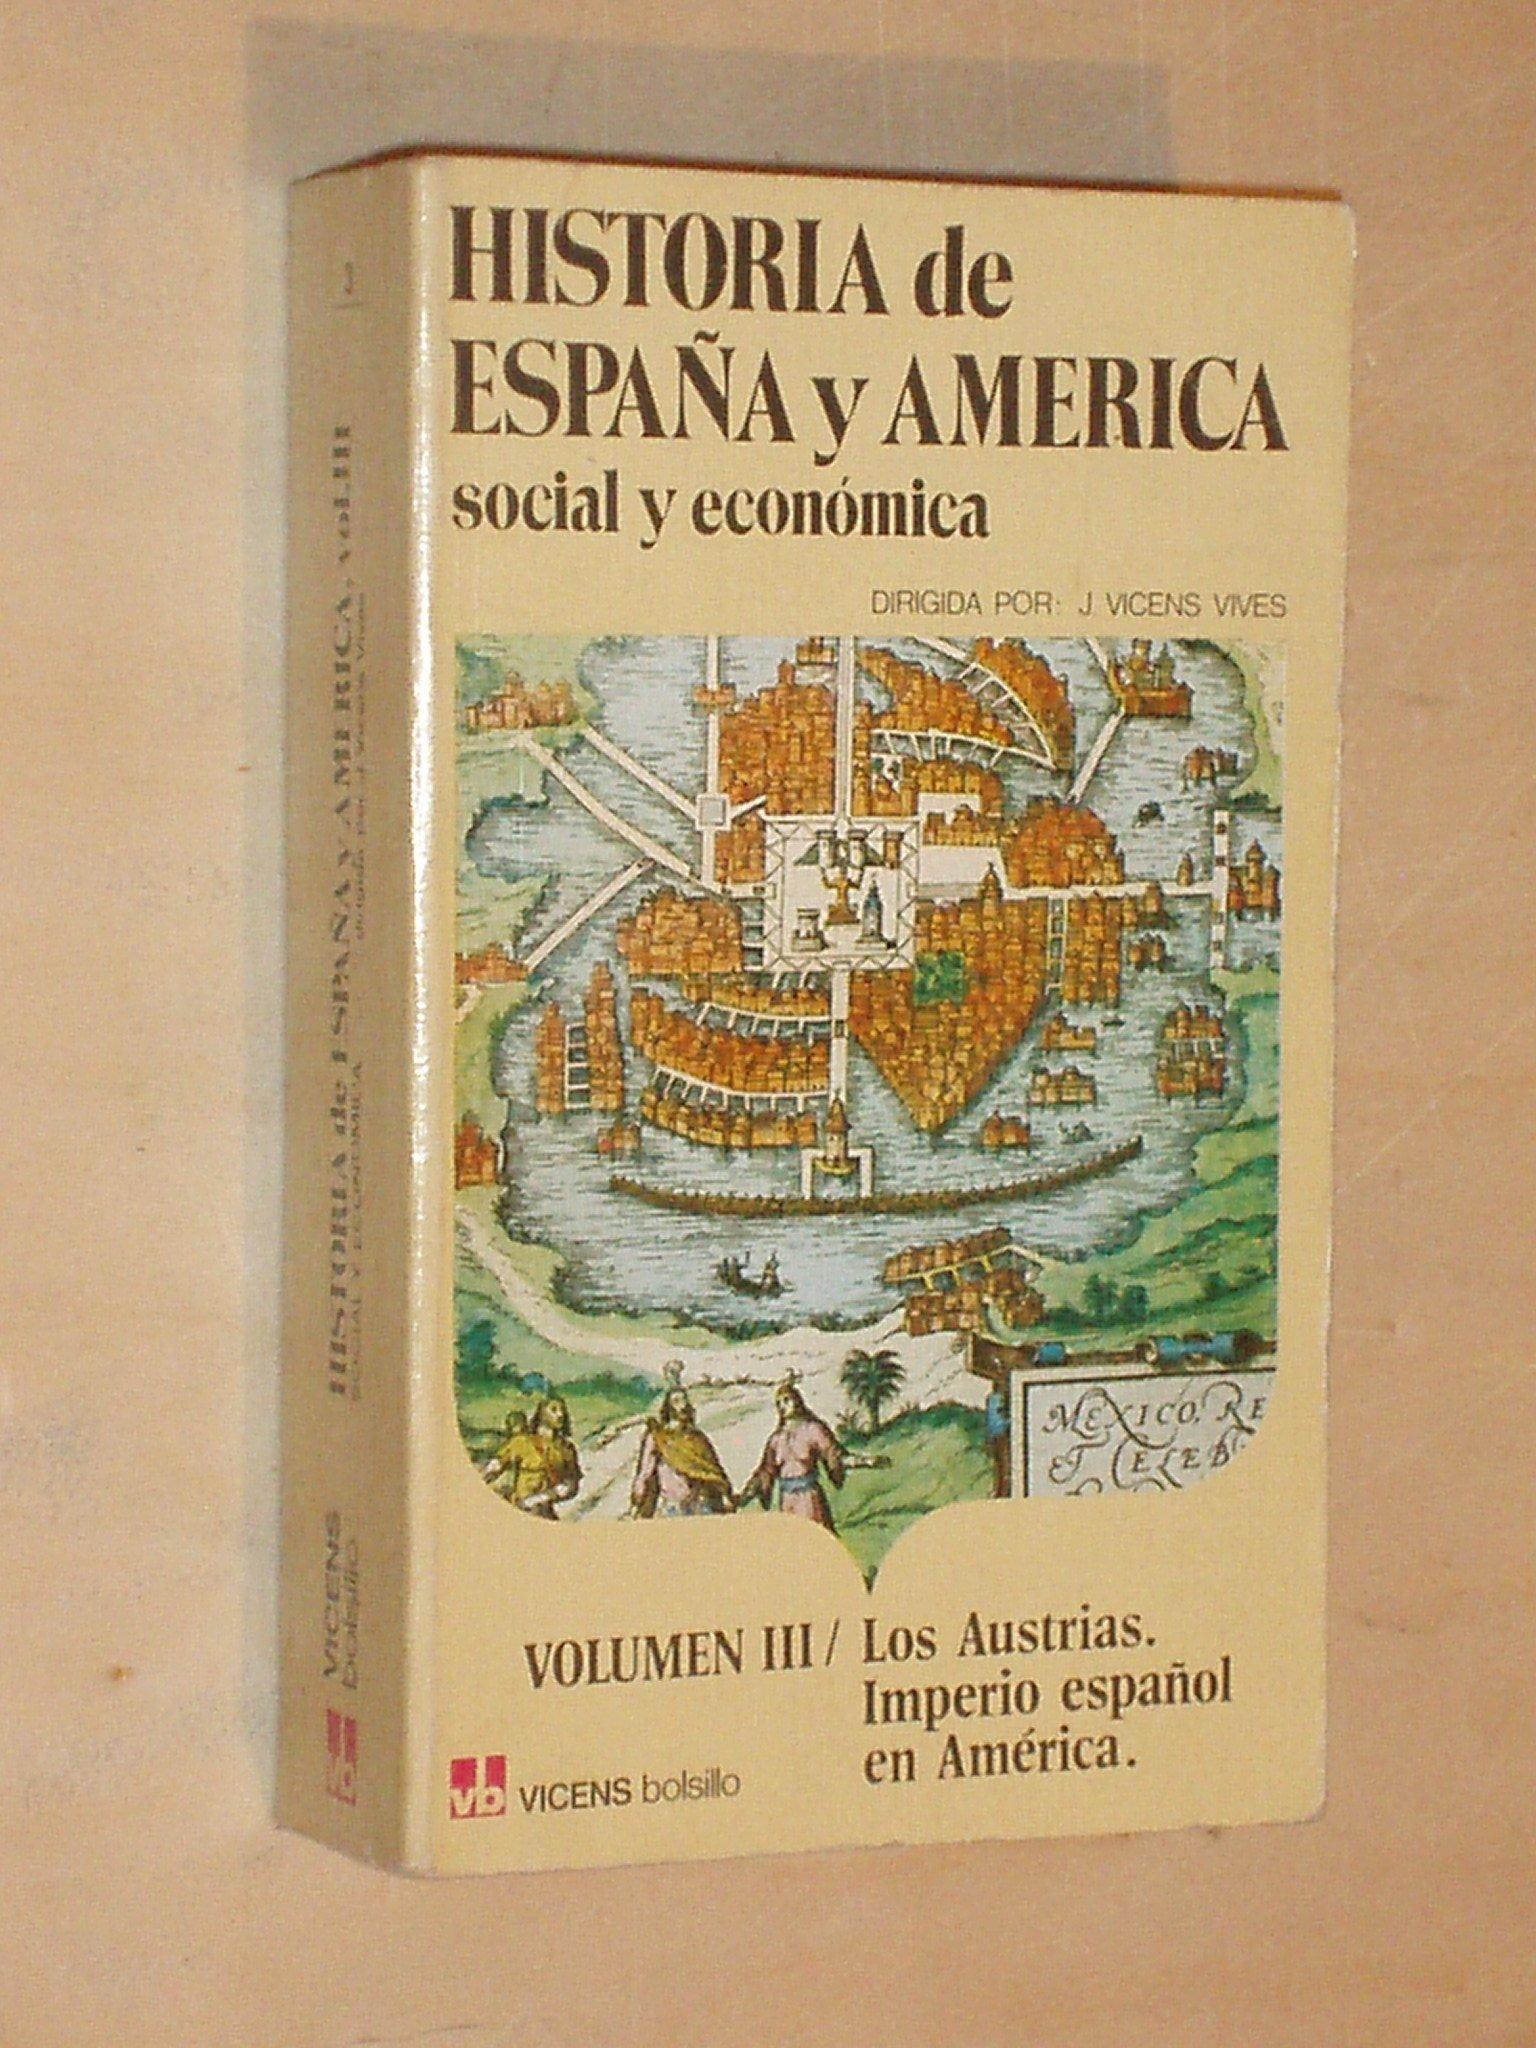 HISTORIA SOCIAL Y ECONÓMICA DE ESPAÑA Y AMÉRICA - VOLUMEN III LOS AUSTRIAS. EL IMPERIO ESPAÑOL EN AMÉRICA: Amazon.es: VV. AA.: Libros